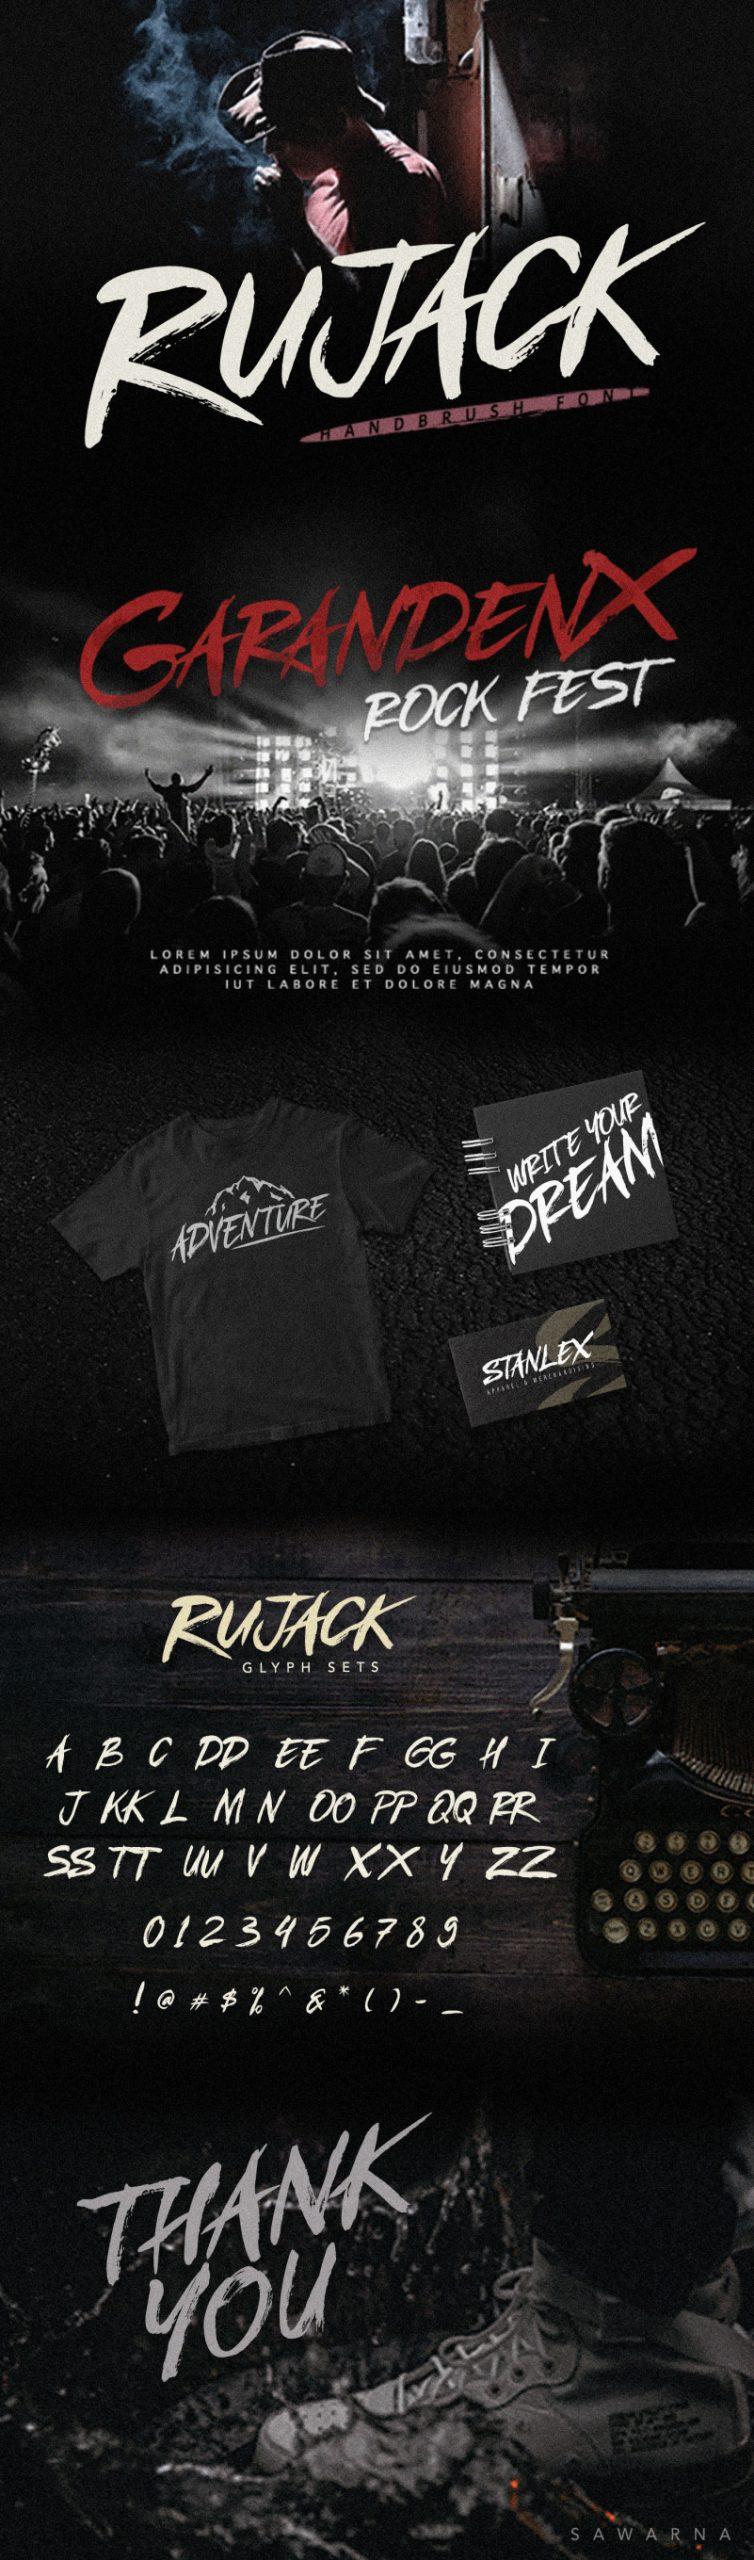 Rujack HandBrush Font